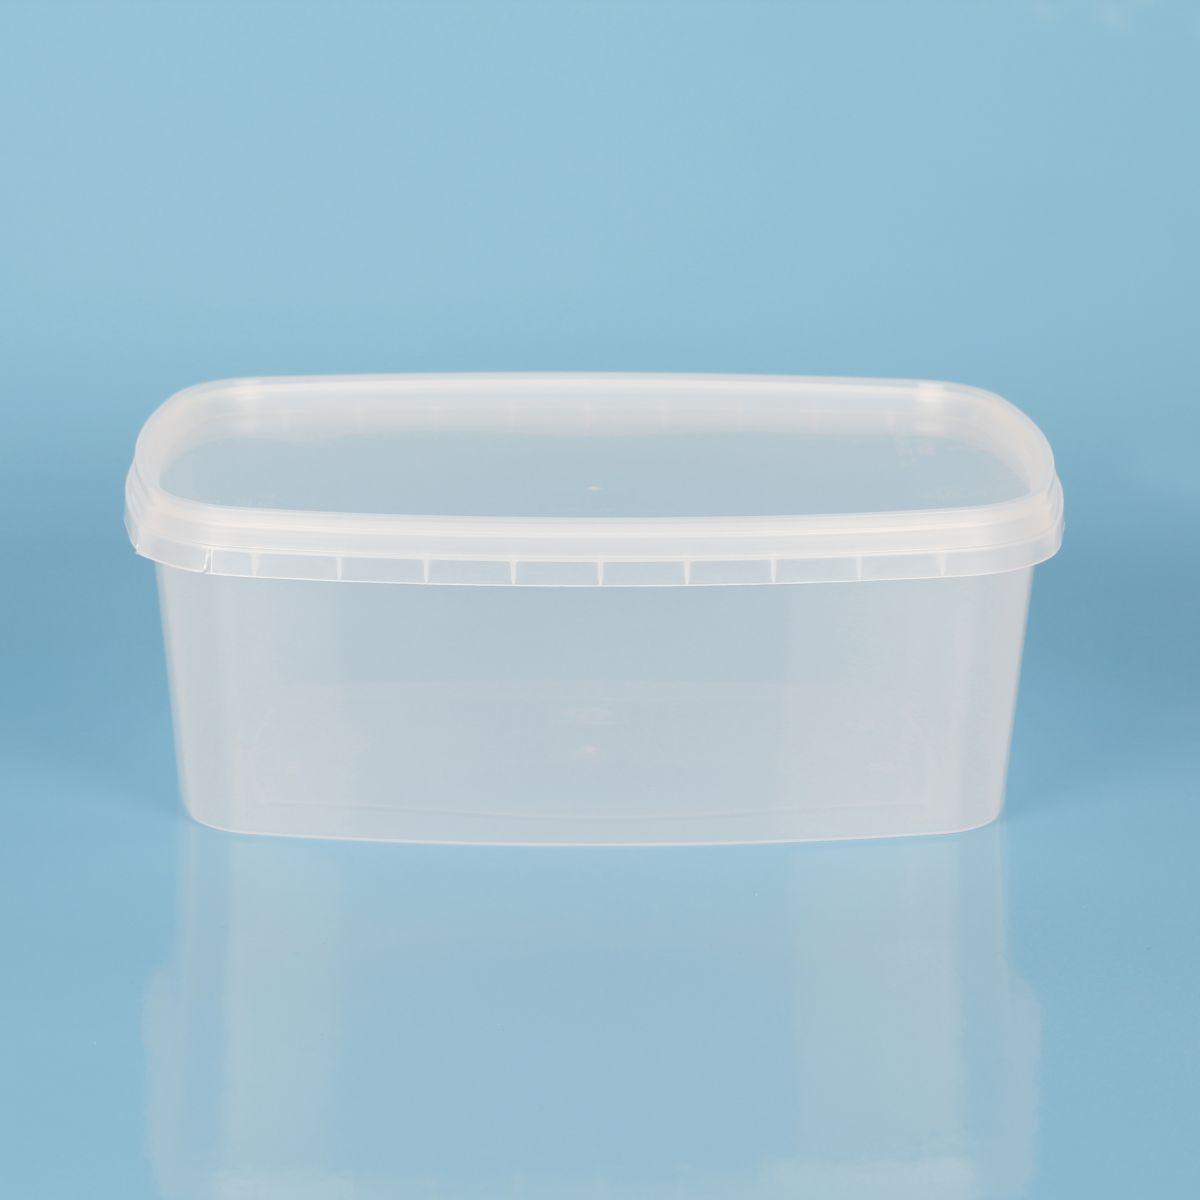 Vaschetta litri 0,5 chiusura con sigillo